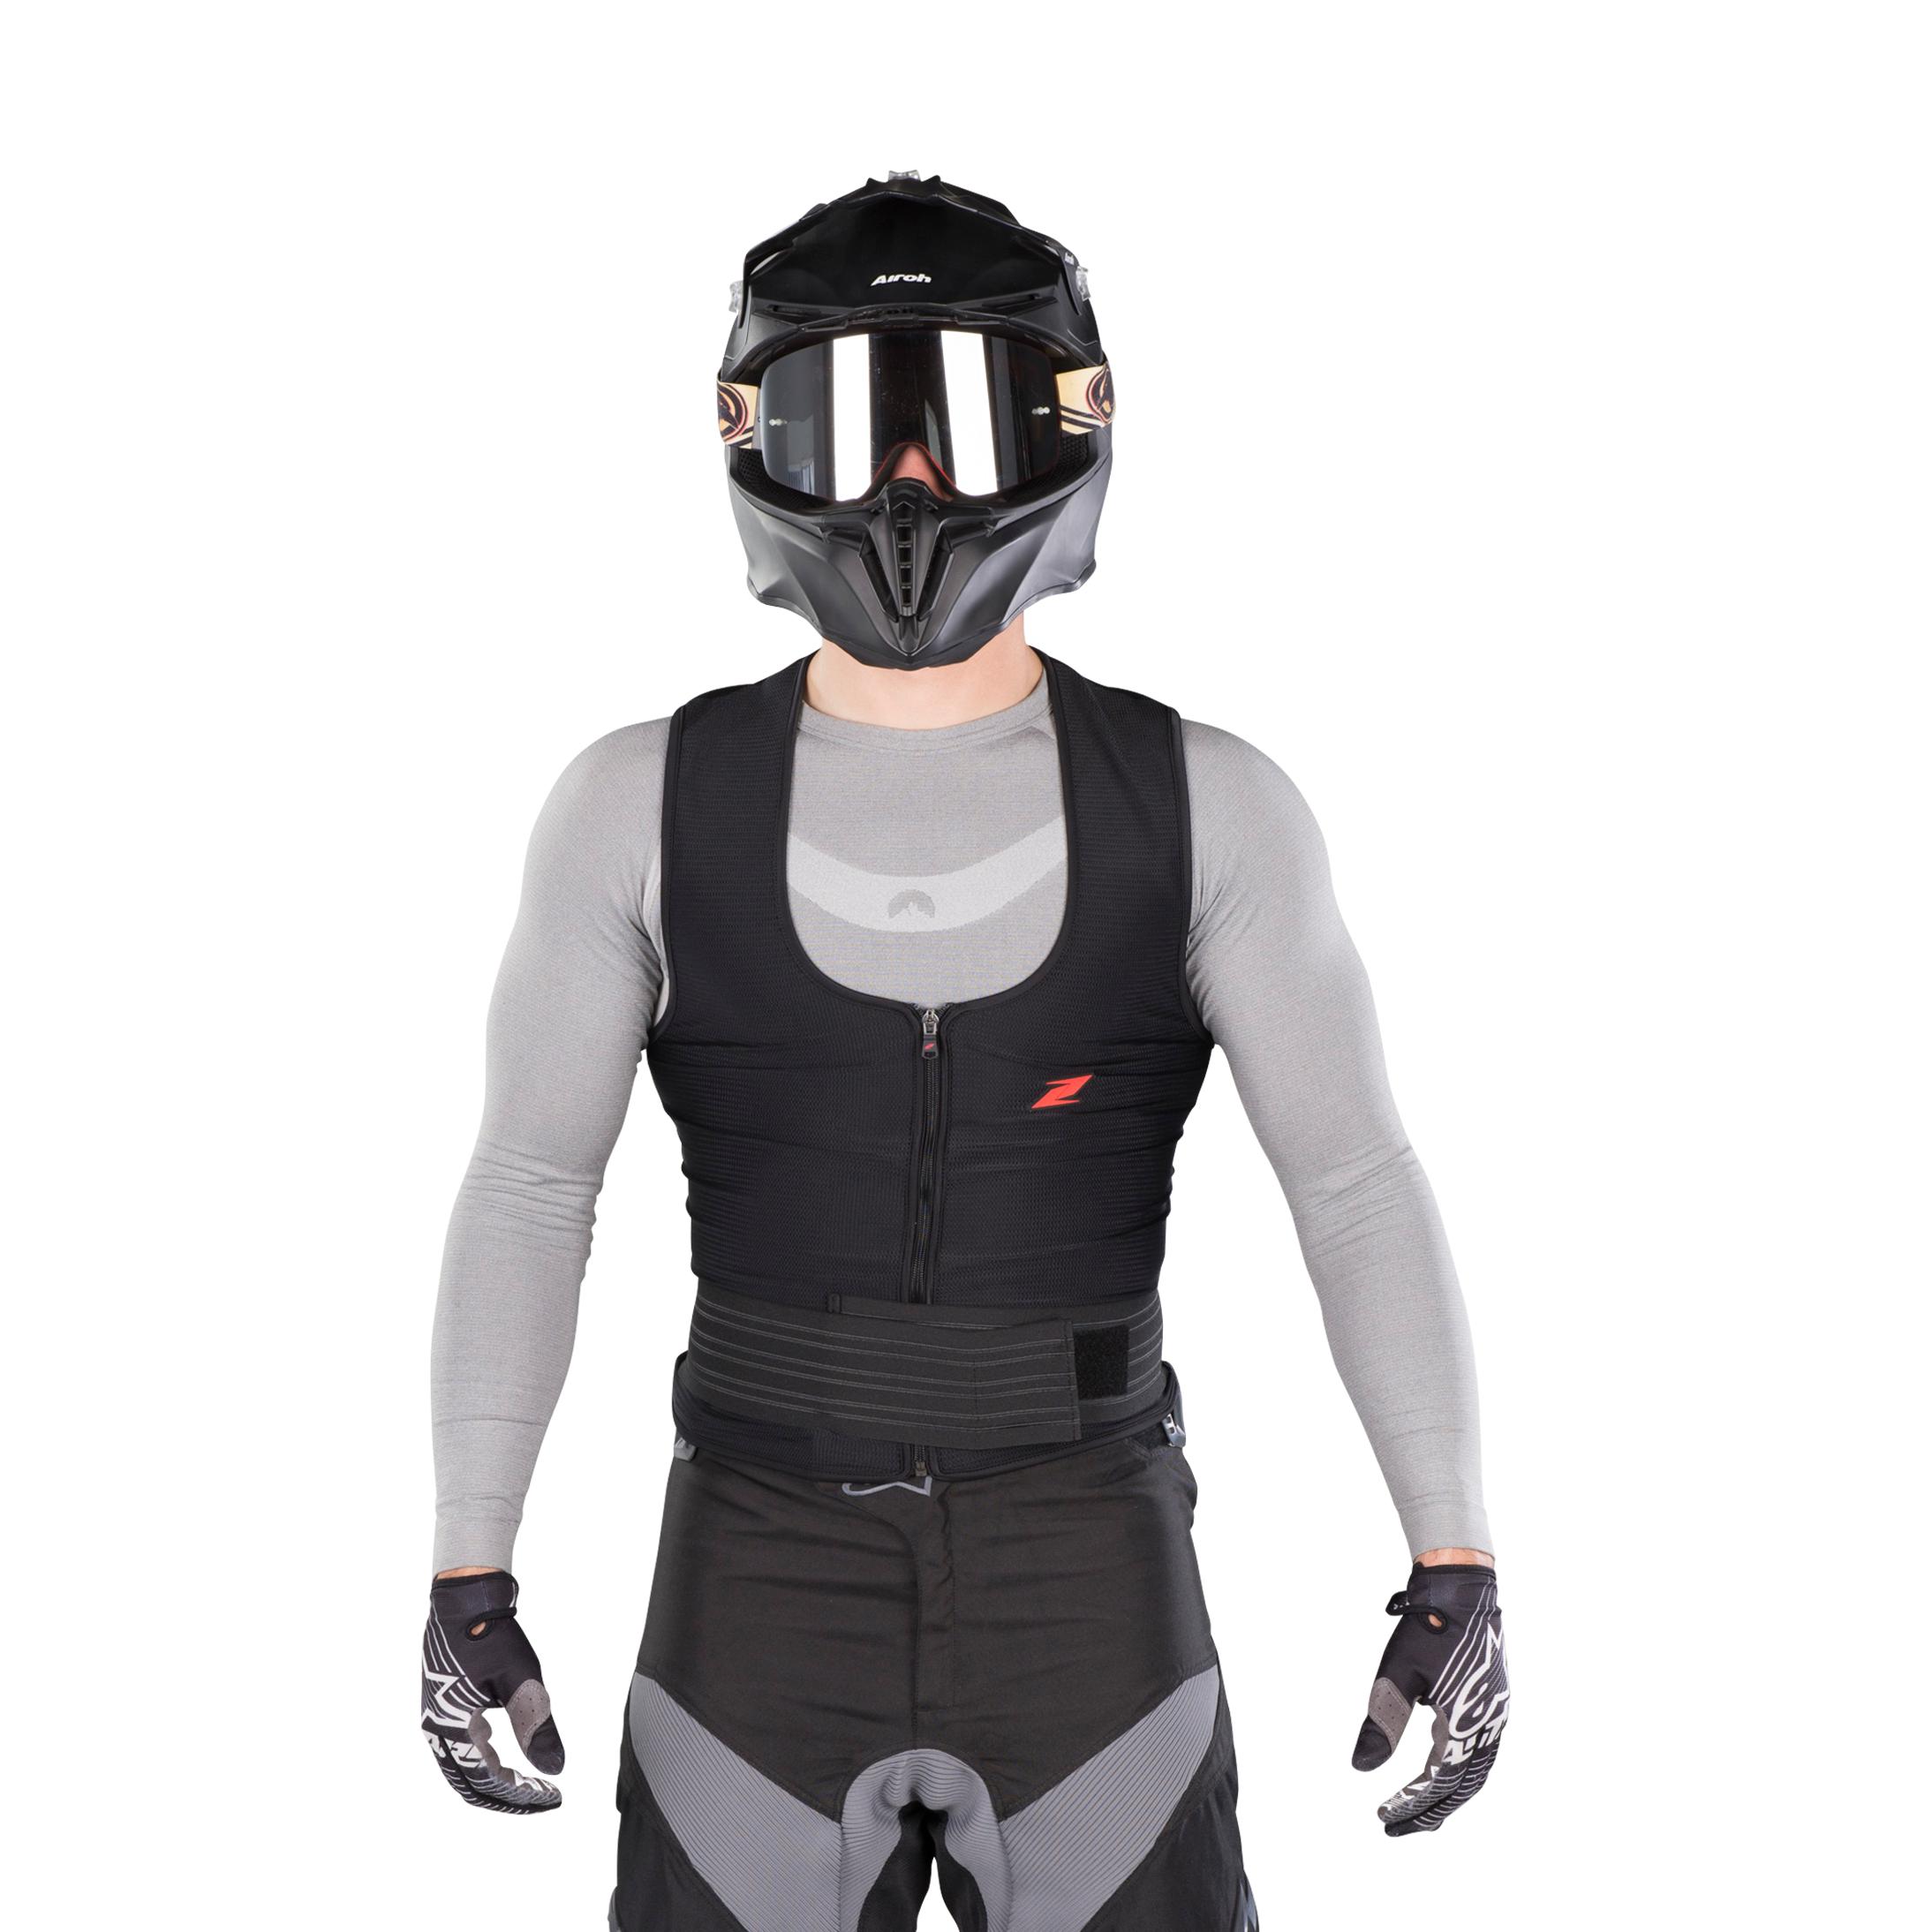 Zandonà Gilet Protettivo  Soft Active Evo x8 Space Walker